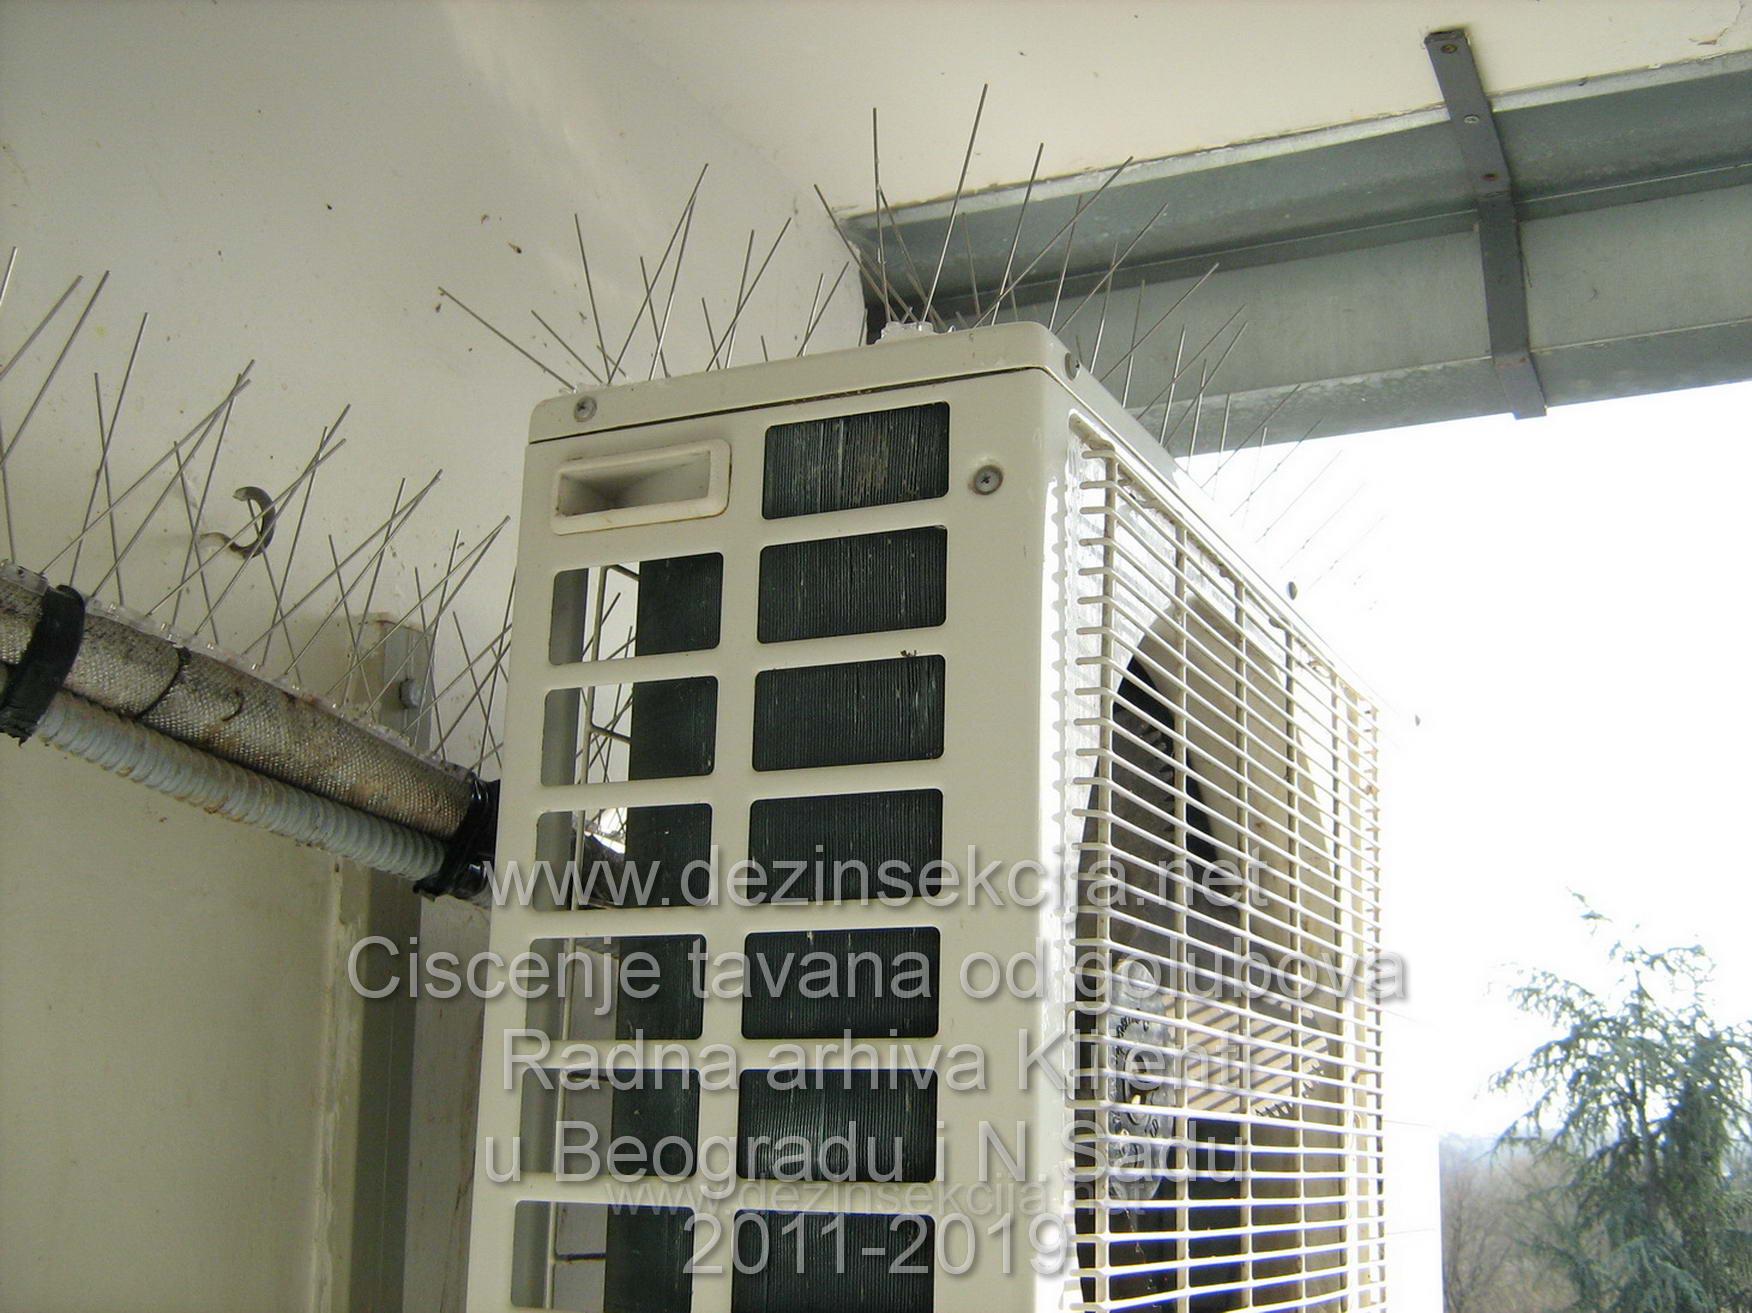 Kako odbiti i oterati golubove sa terasa-balkona-krovova-tavana kuca-zgrada i poslovnih objekata?